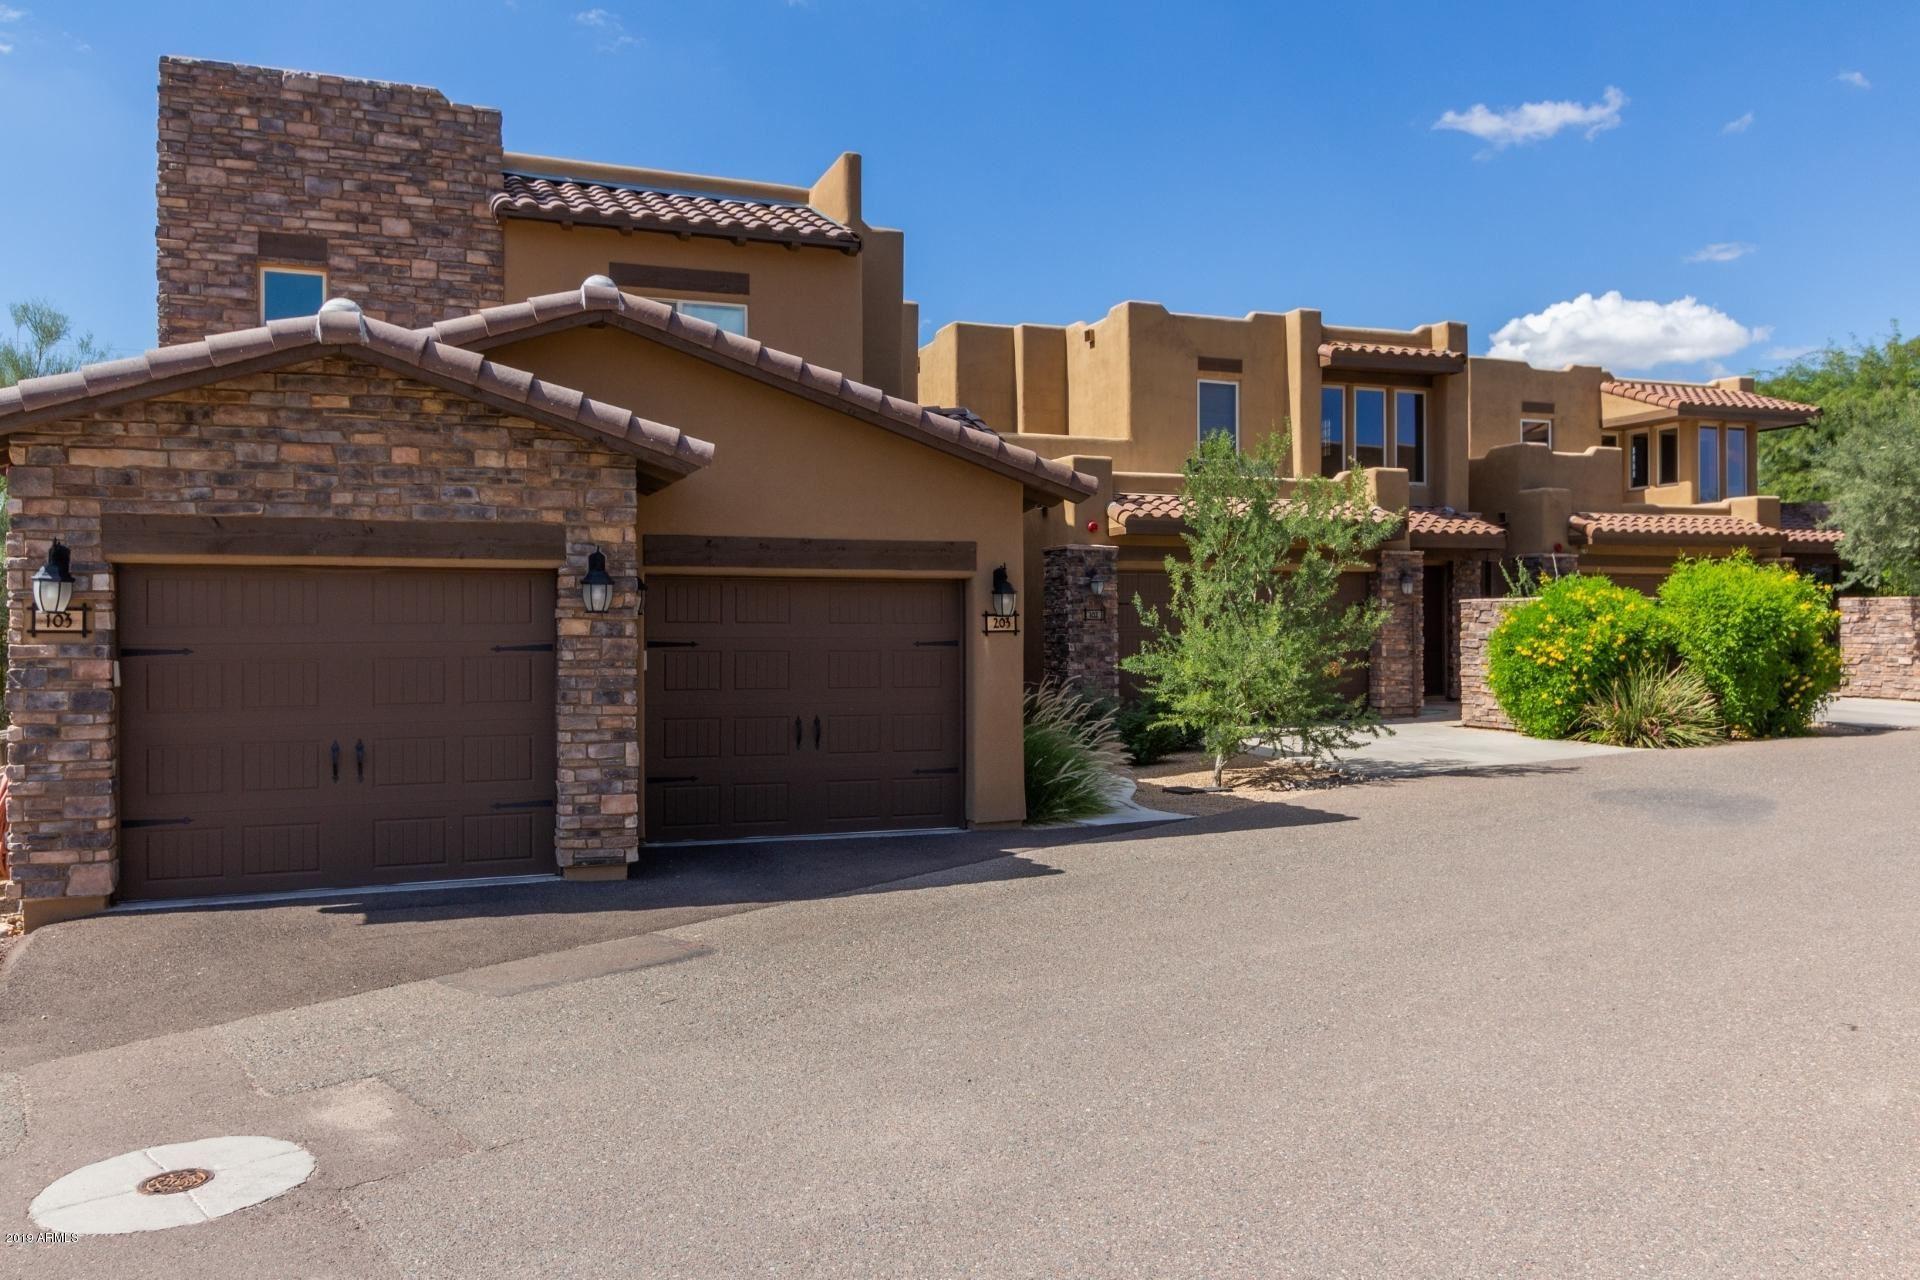 Photo of 6145 E CAVE CREEK Road #203, Cave Creek, AZ 85331 (MLS # 6289837)